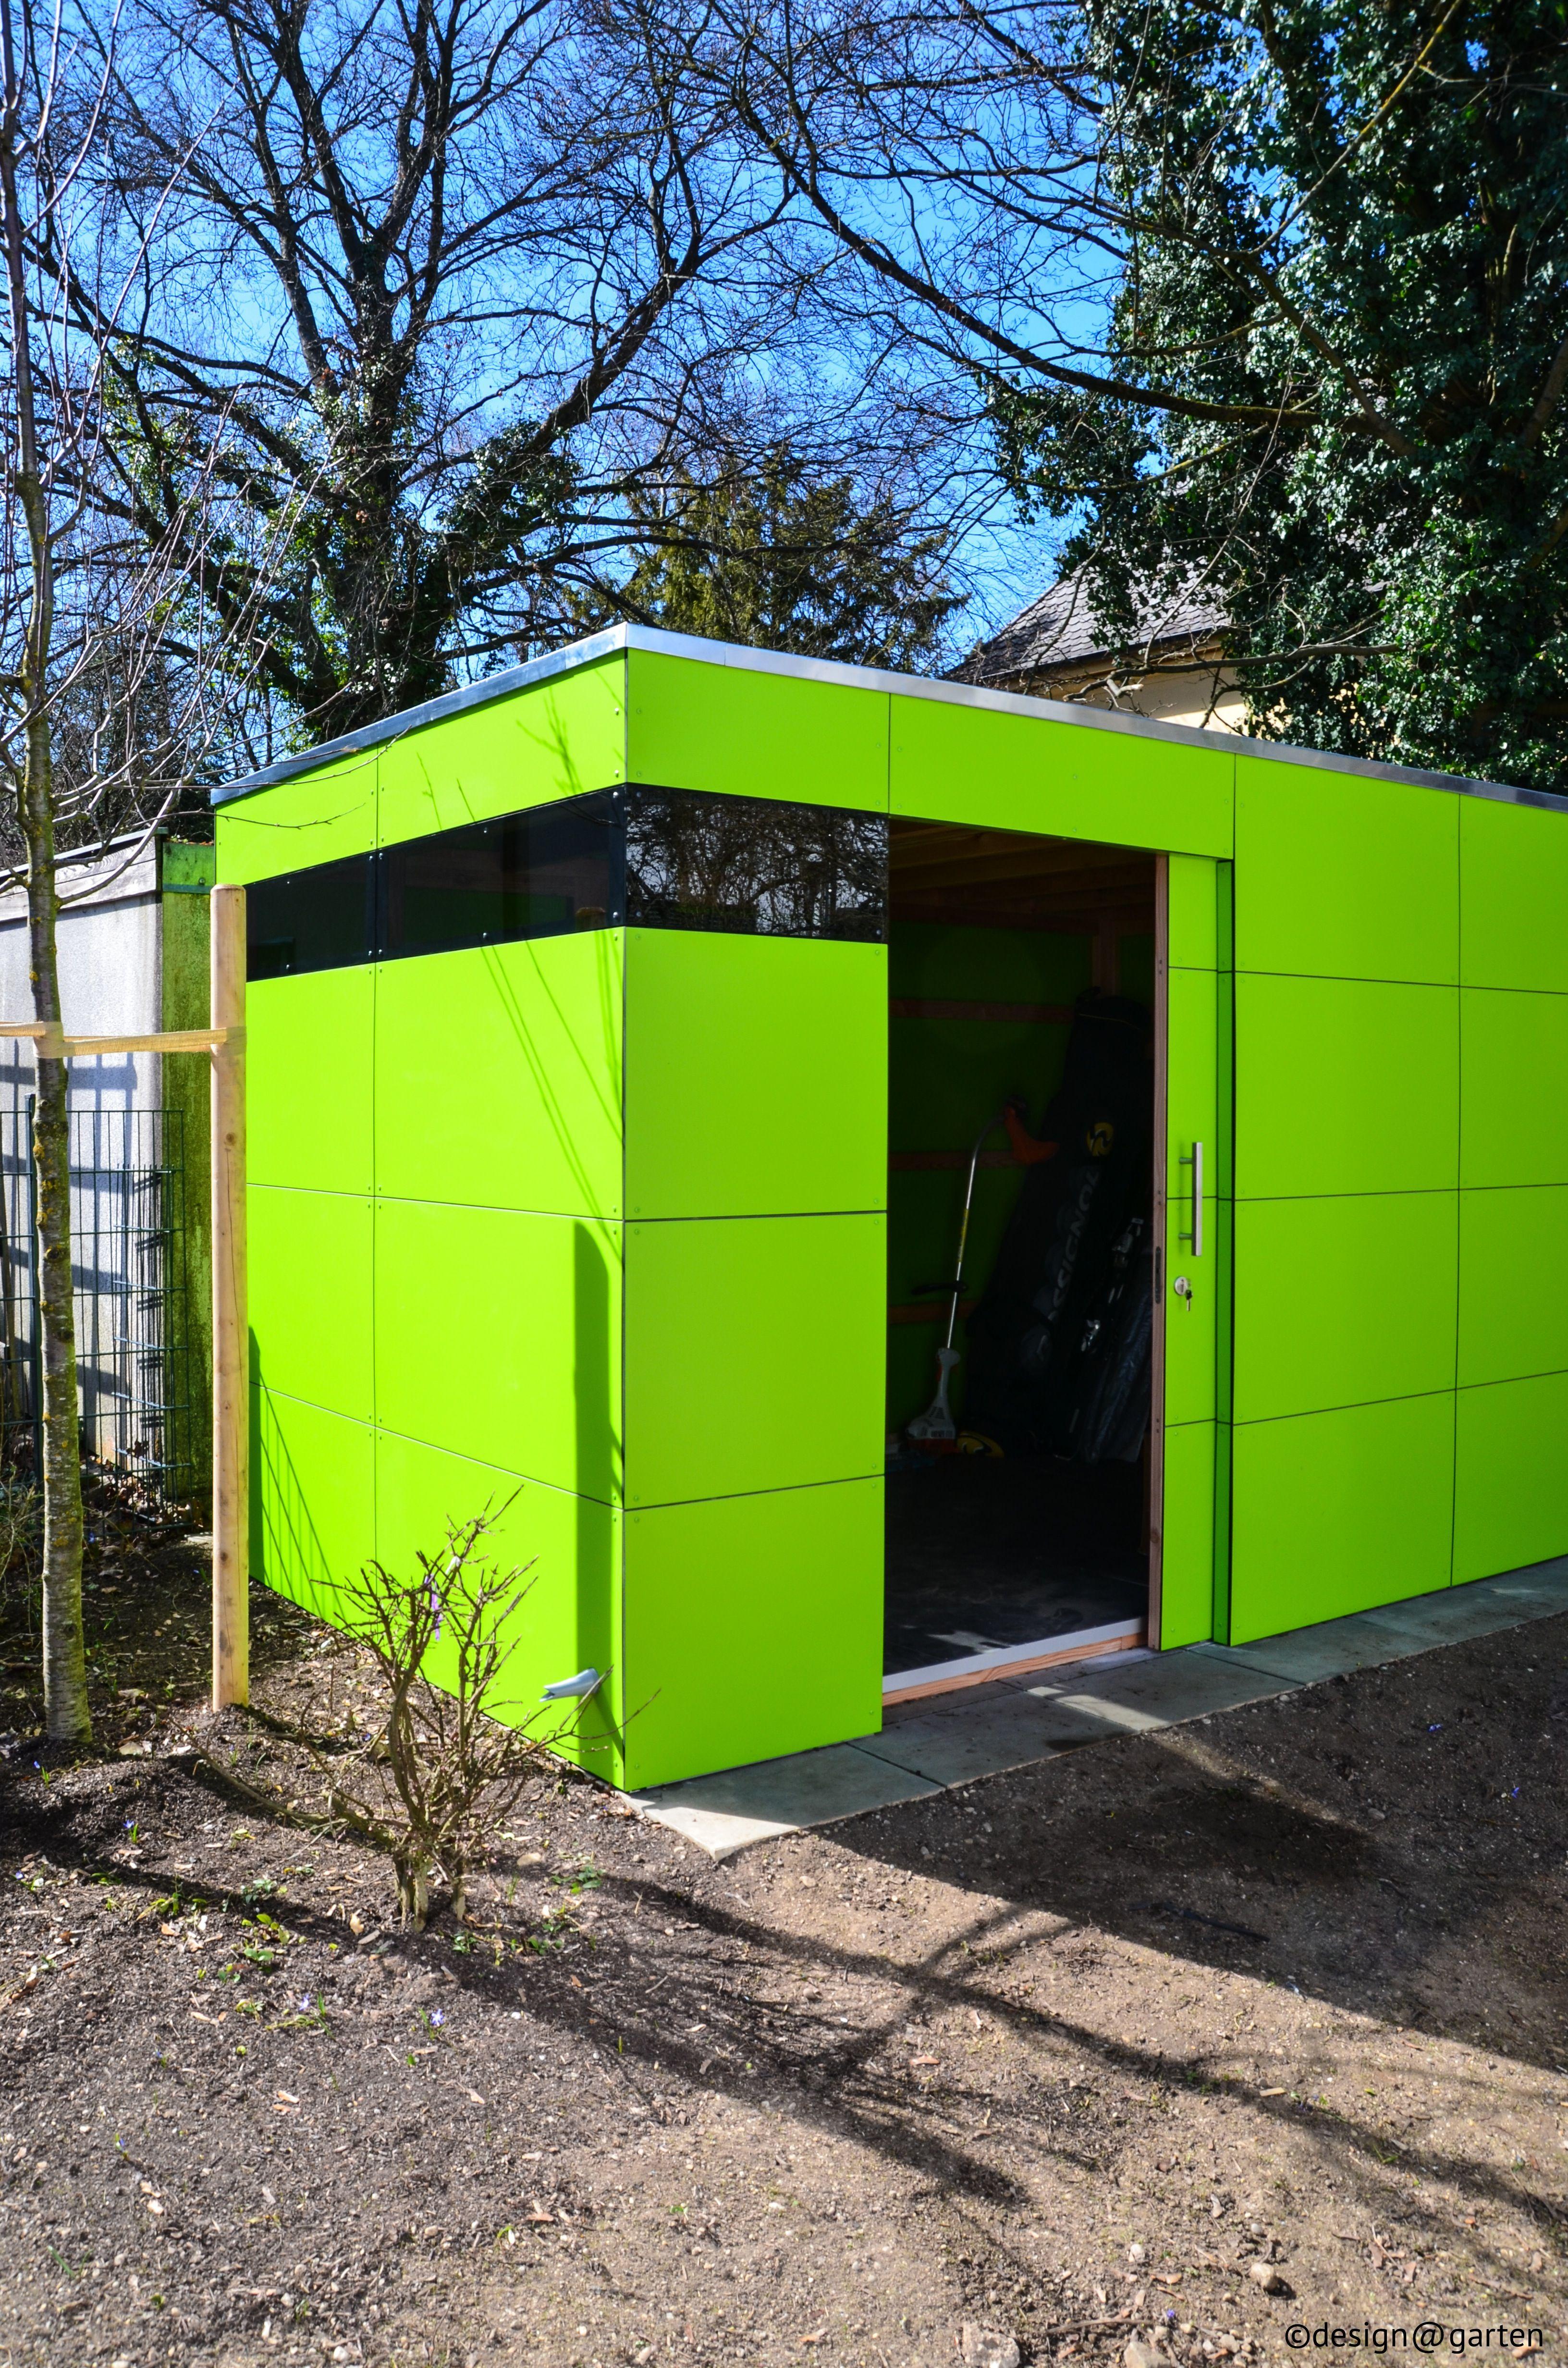 Design Gartenhaus design gartenhaus atgart by design garten munich lime green